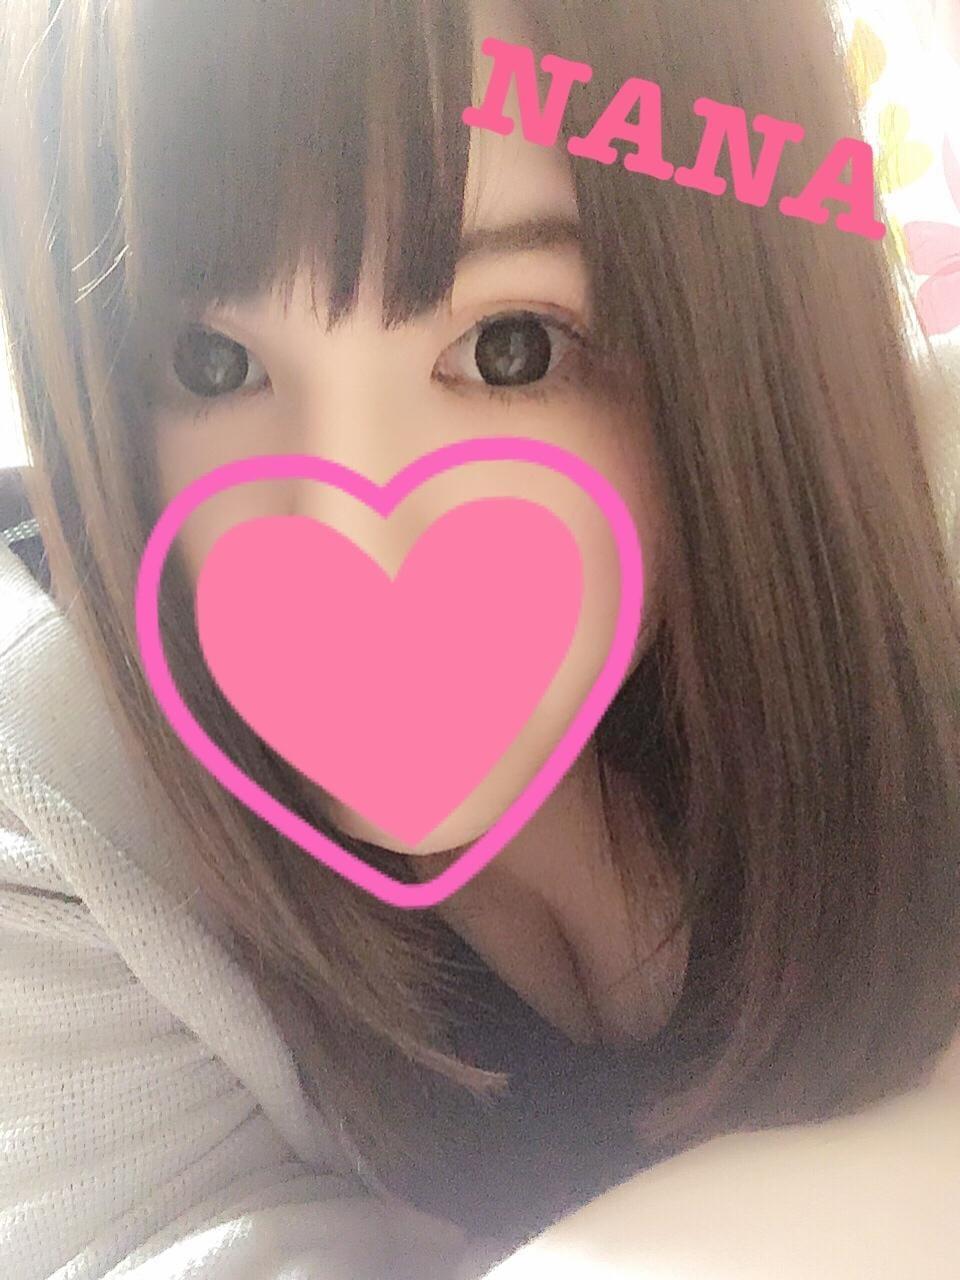 七奈(なな)「なな(*´ω`*)」05/19(土) 11:59 | 七奈(なな)の写メ・風俗動画